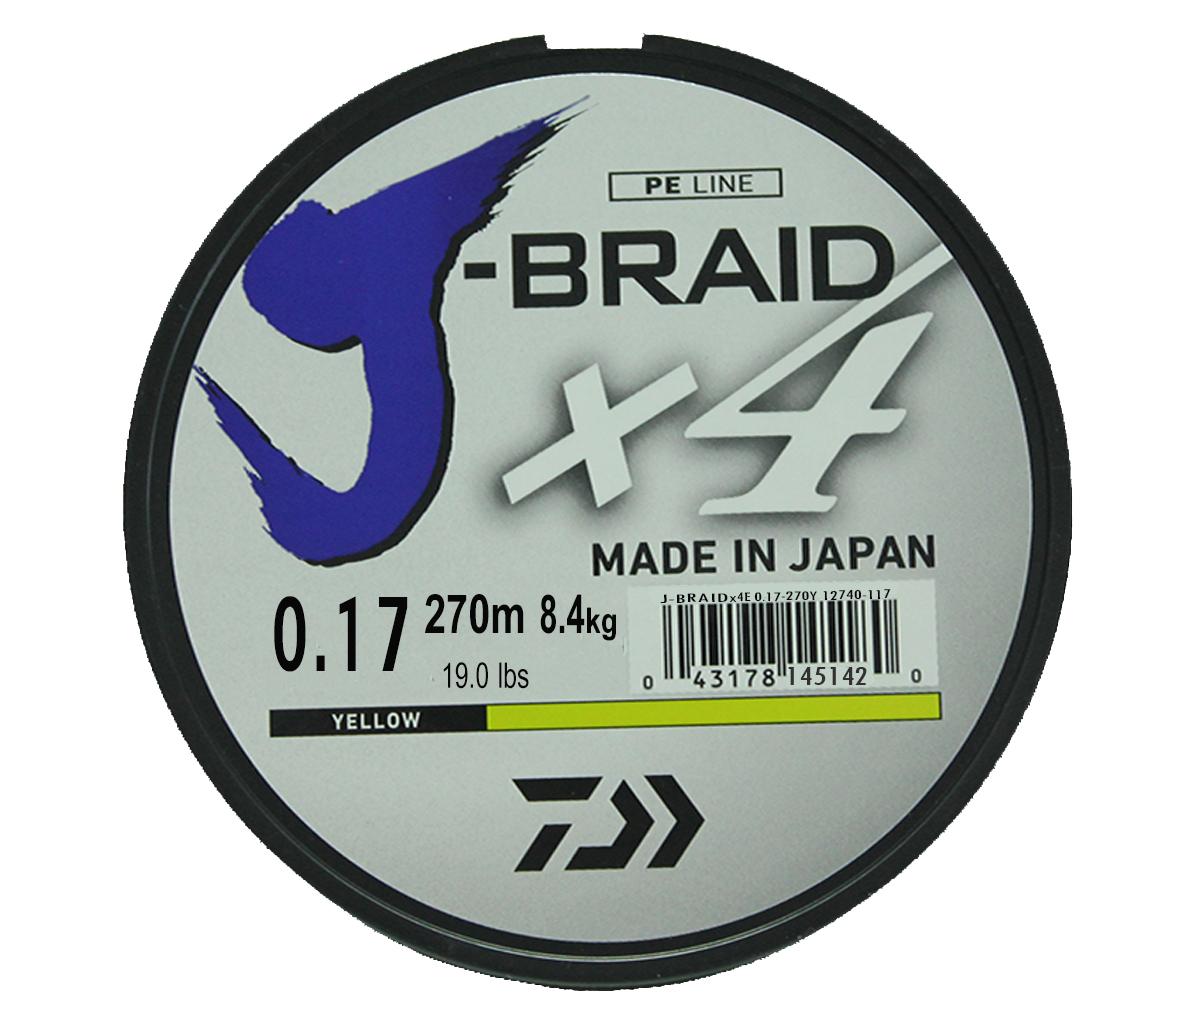 Шнур плетеный Daiwa J-Braid X4, цвет: флуоресцентный желтый, 270 м, 0,17 мм61149Новый 4х жильный шнур J-Braid, DAIWA - шнур высокого класса с удивительным соотношением цены и качества. Качество плетения полностью соответствует японским стандартам и удовлетворяет всем требованиям. Представленные диаметры позволяют использовать шнур для всех техник ловли, начиная от ultra- light ловли окуня, до морской ловли палтуса, трески и т.д